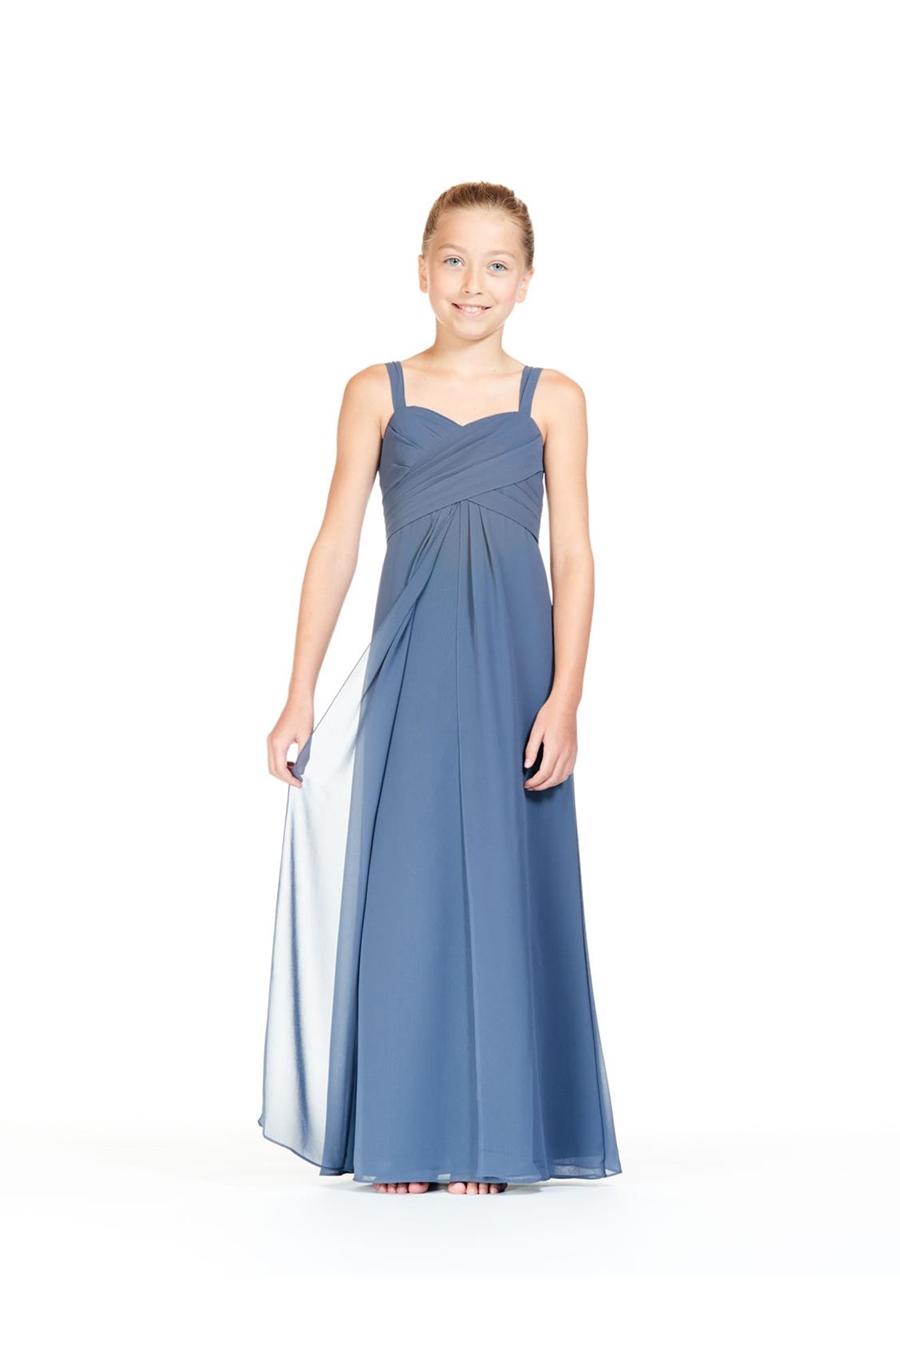 Berühmt Brautjungfer Kleid Edmonton Zeitgenössisch - Brautkleider ...